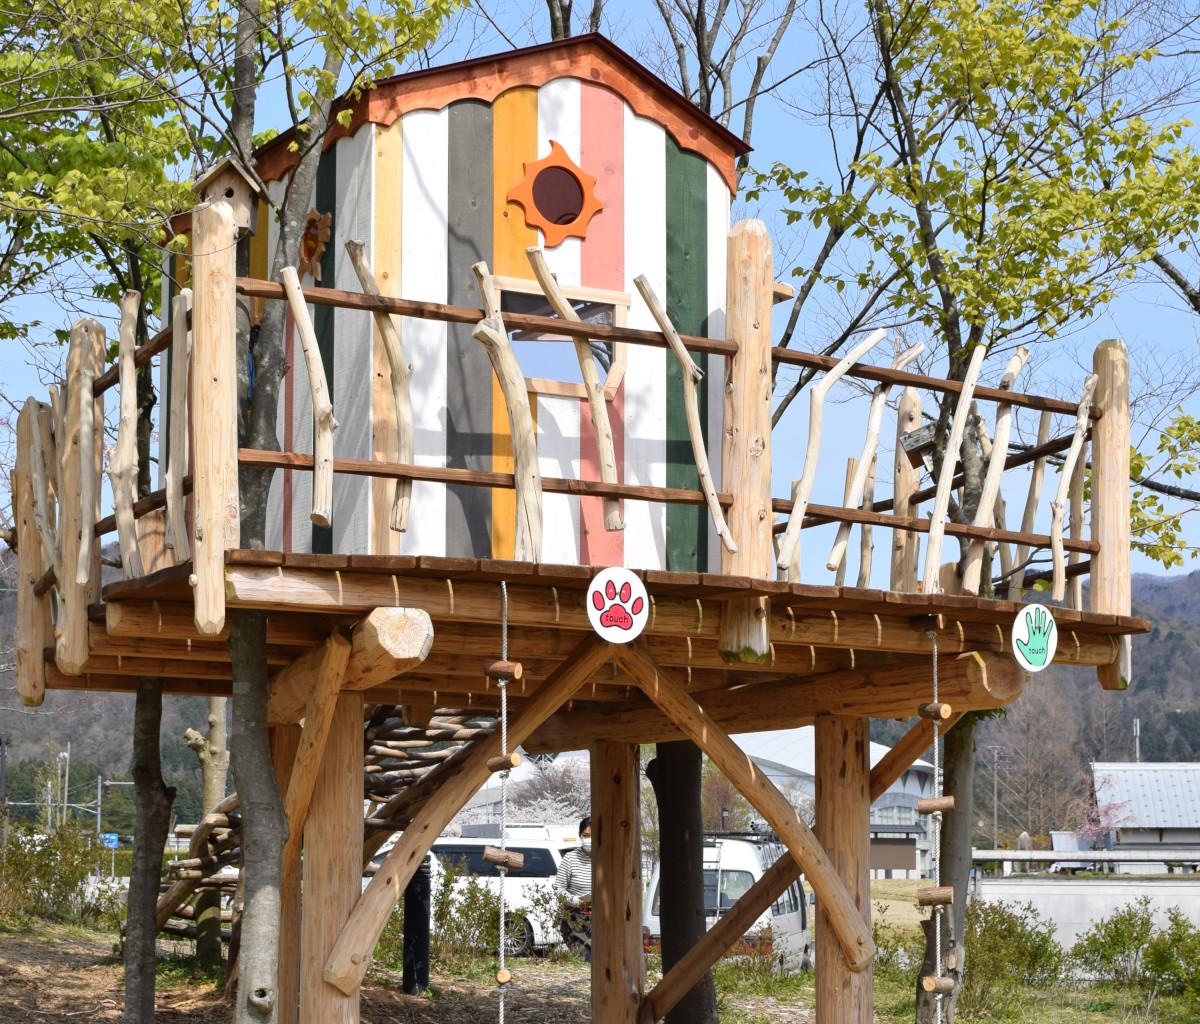 高さ2メートルほどもあるツリーハウスが完成した